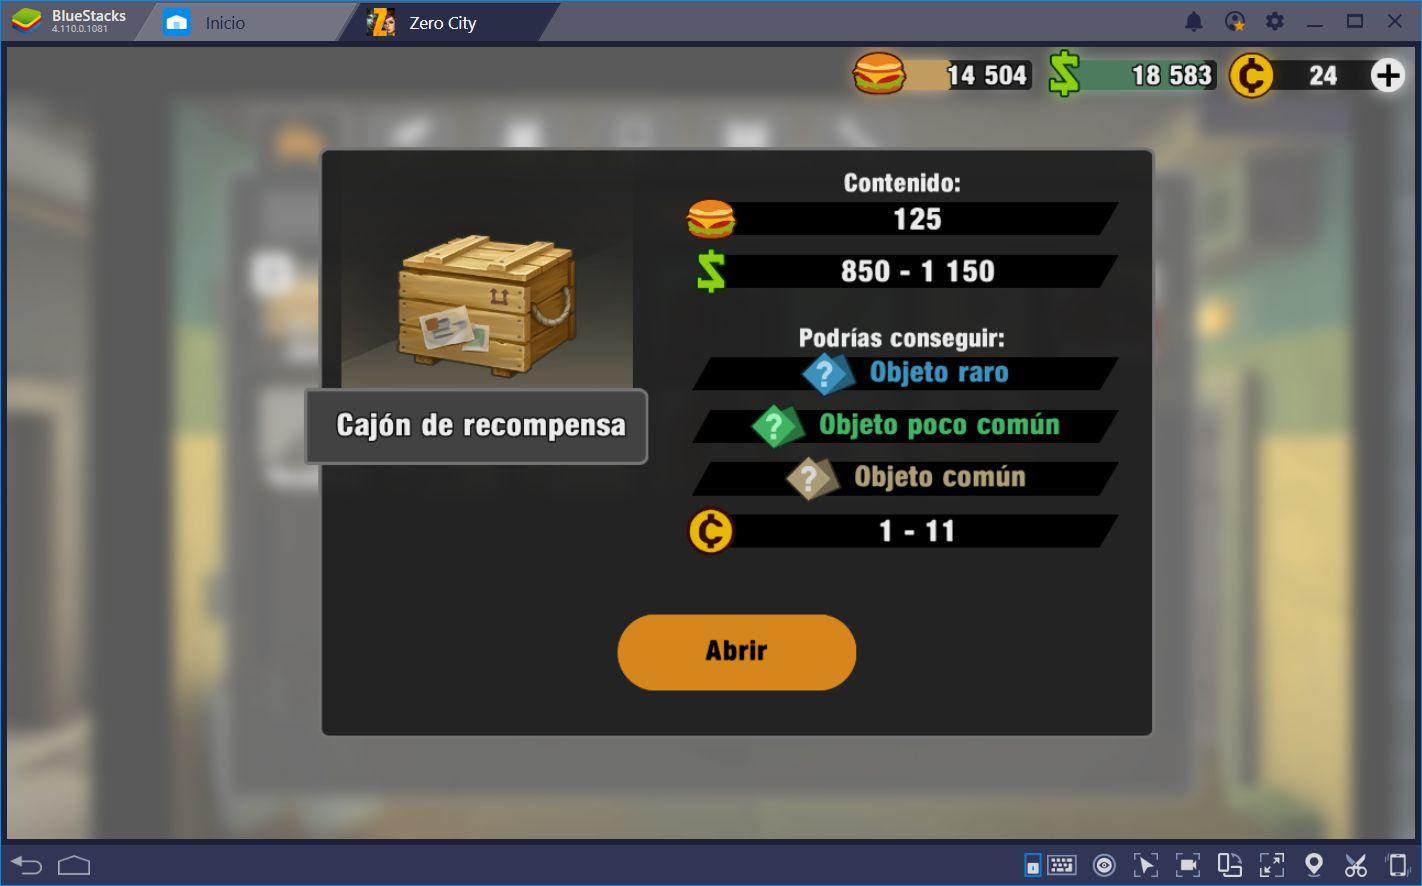 Cómo Hacer Dinero en Zero City